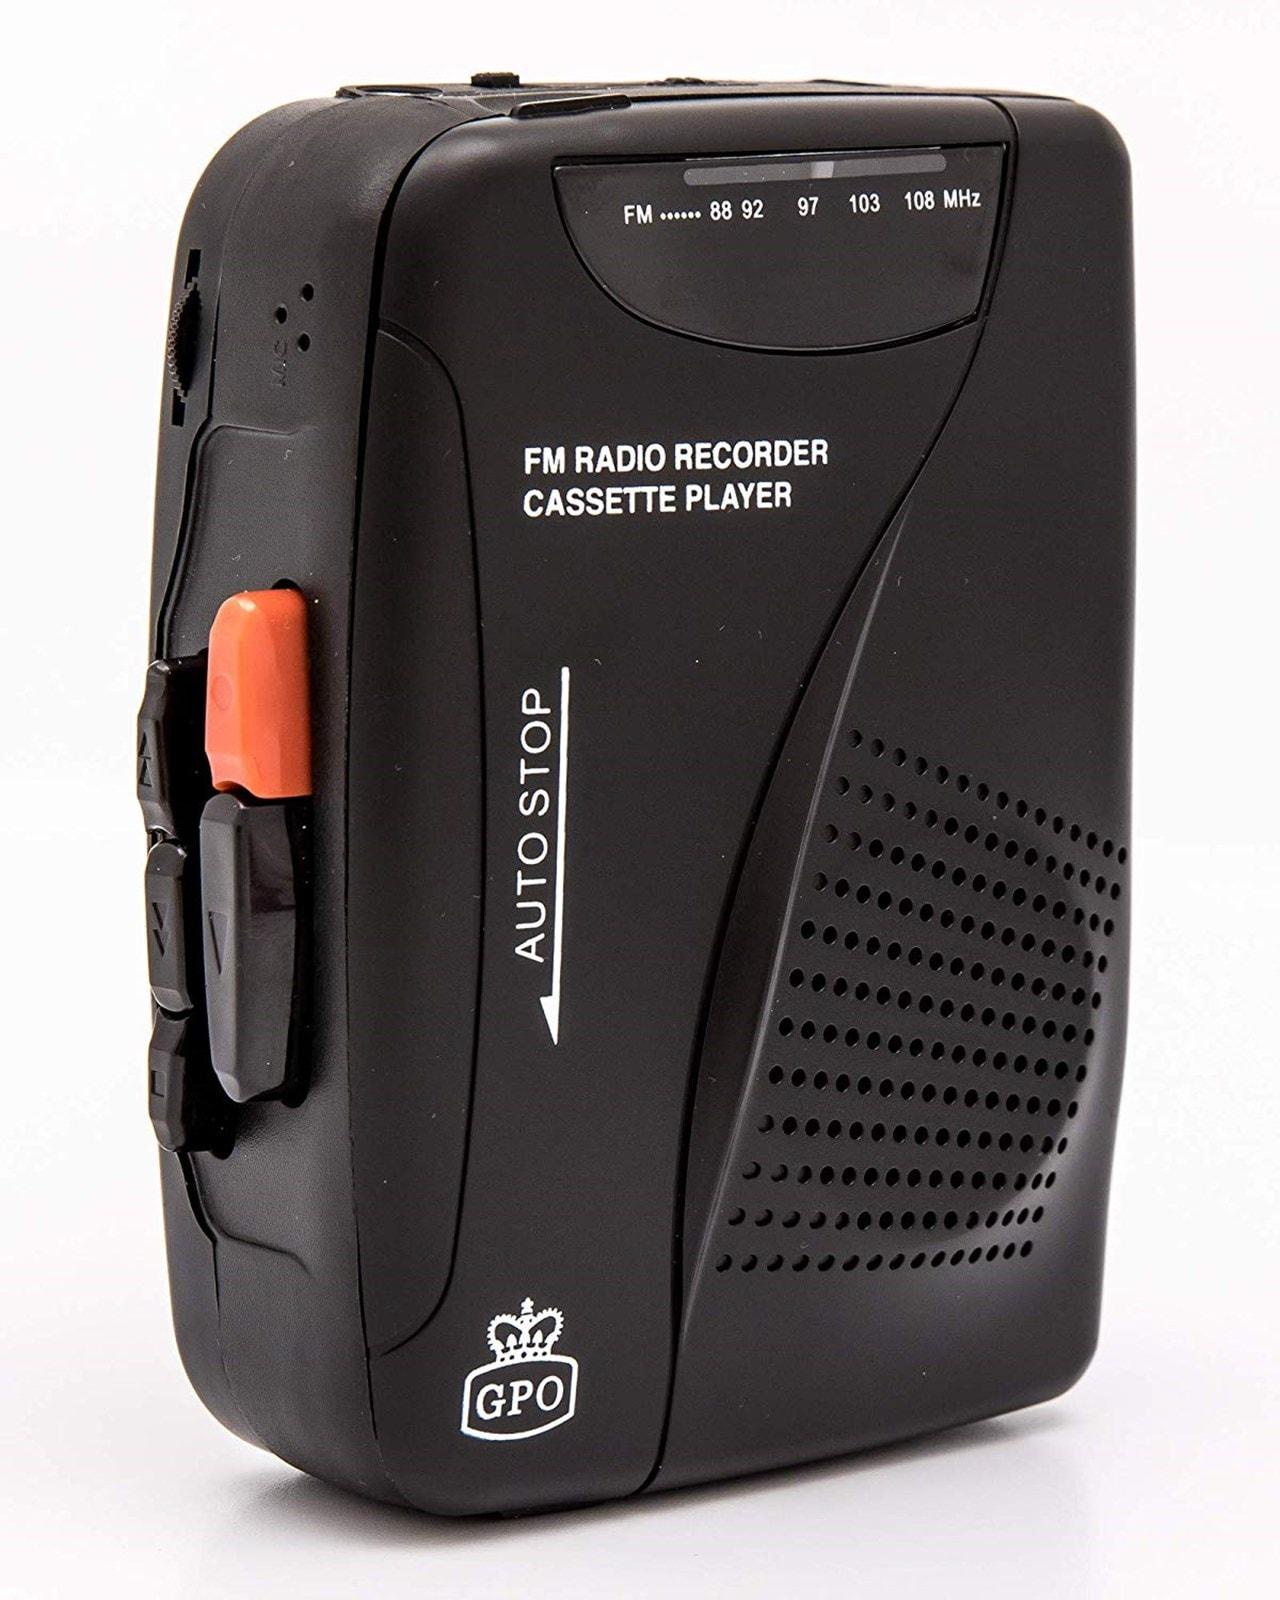 GPO Retro Black Portable Cassette Player - 5